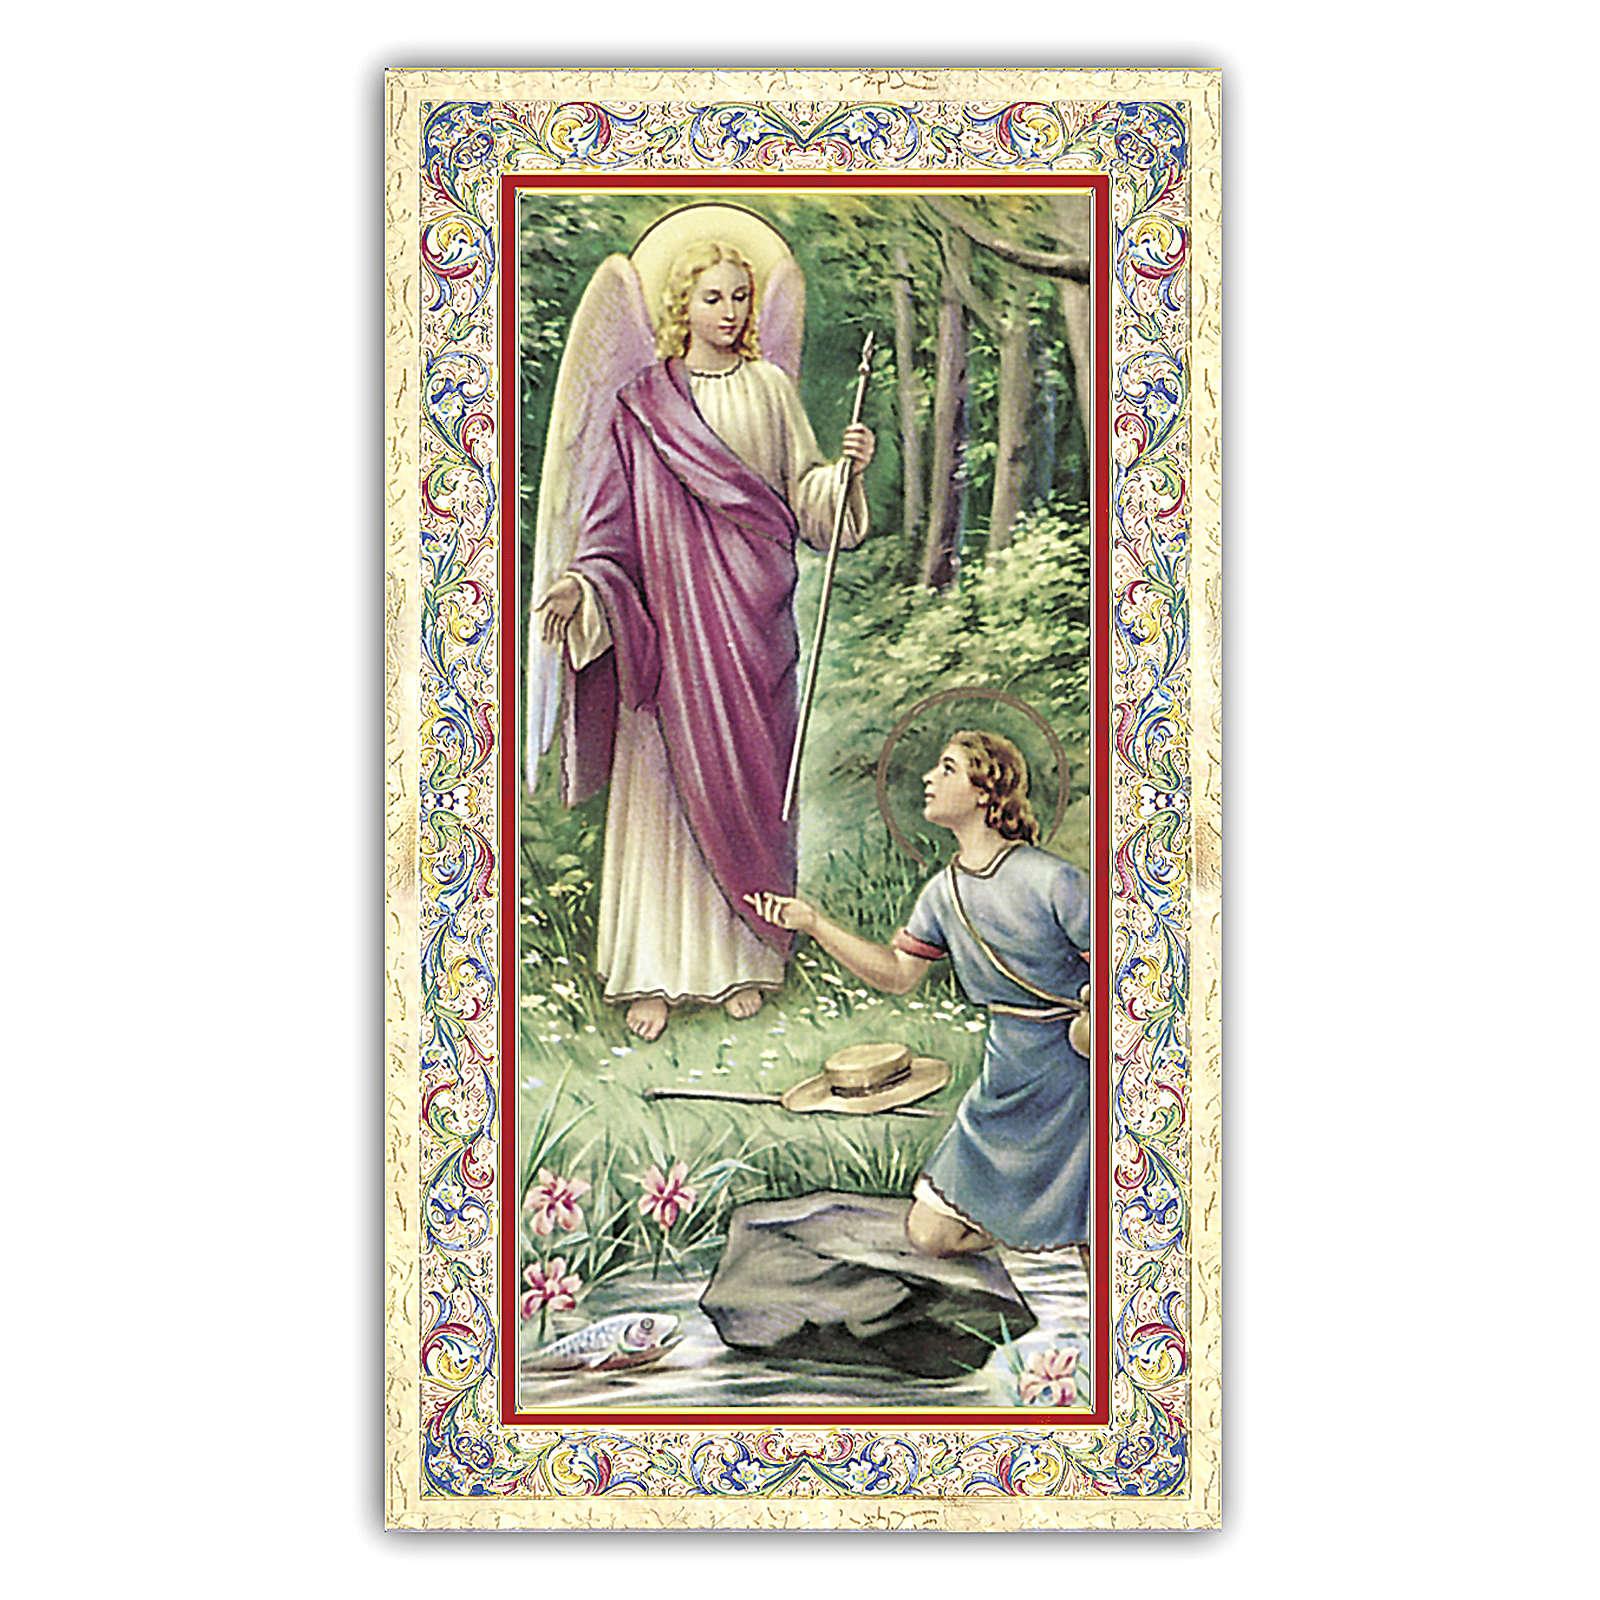 Estampa religiosa el Arcángel Rafael 10x5 cm ITA 4